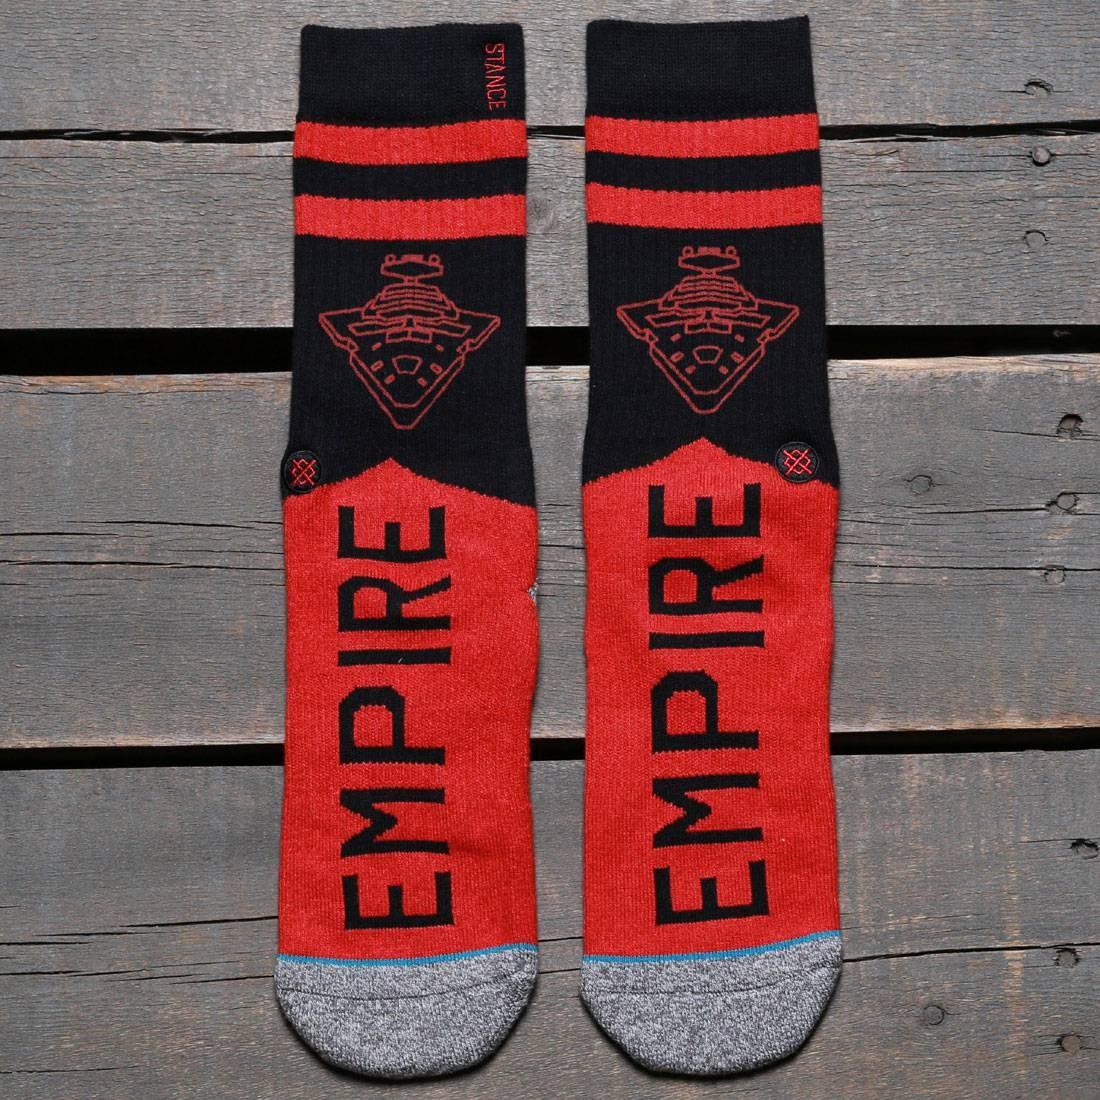 スタンス STANCE ソックス 靴下 インナー 下着 ナイトウエア メンズ 下 レッグ 【 X Star Wars Varsity Empire Socks (red) 】 Red